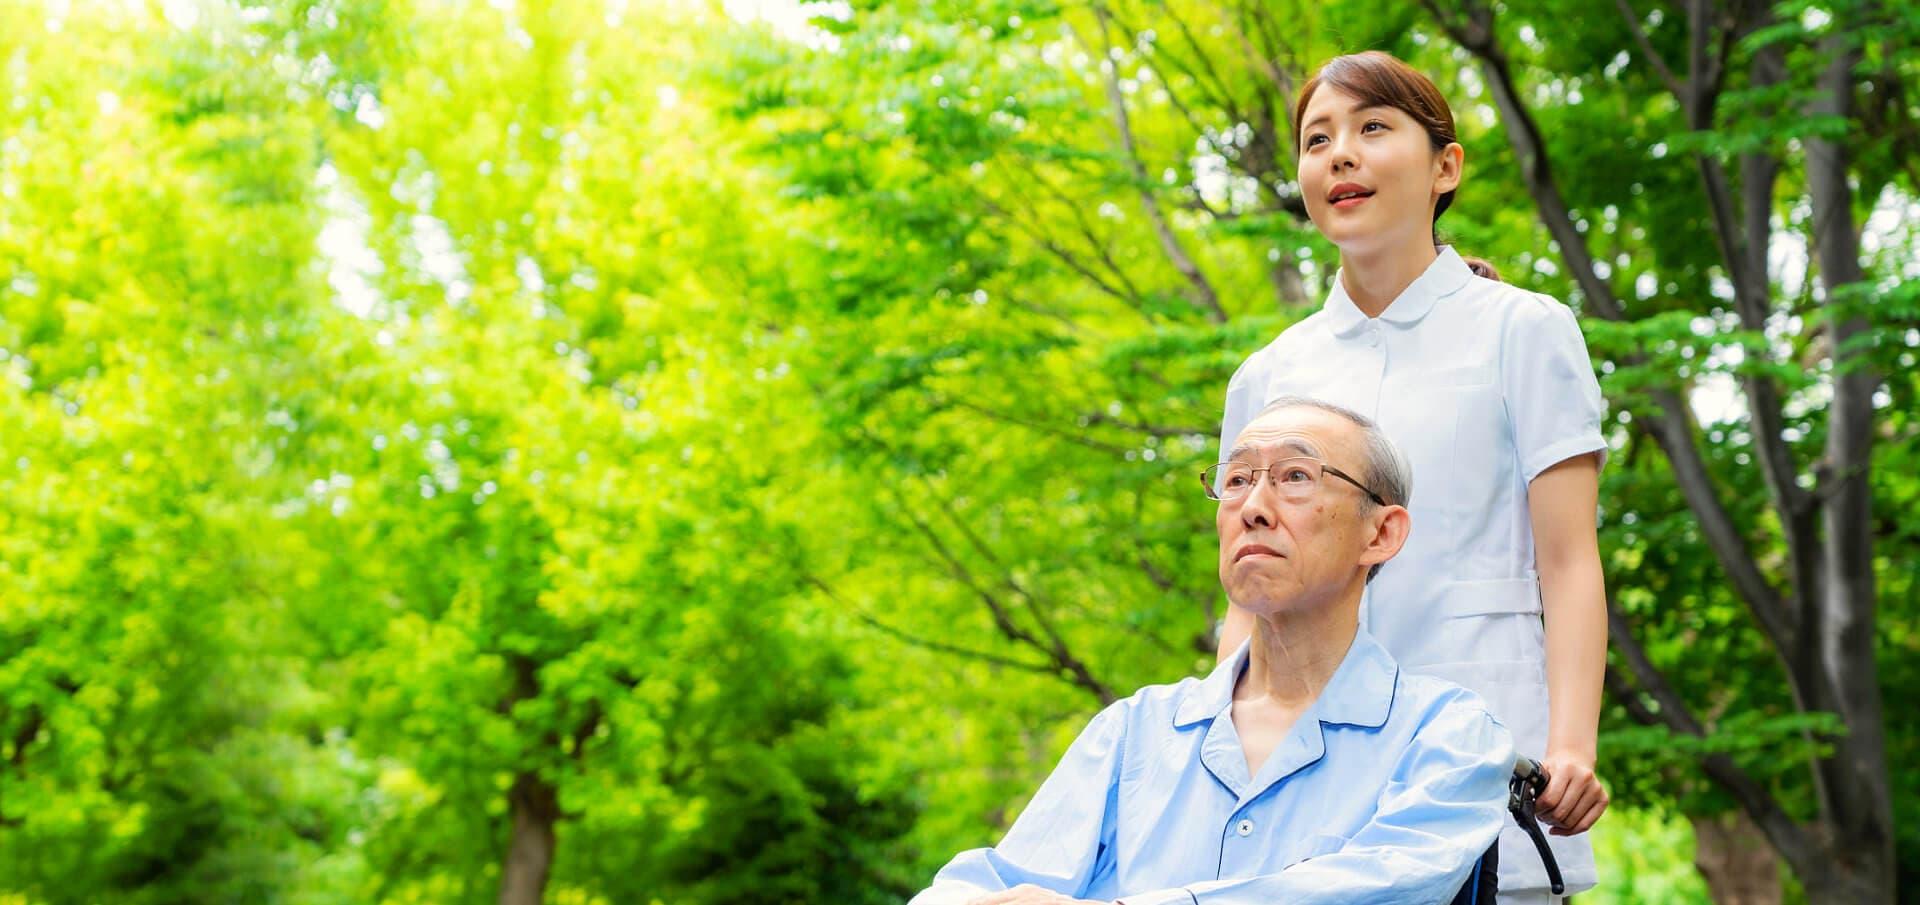 caregiver with elder man on a wheelchair